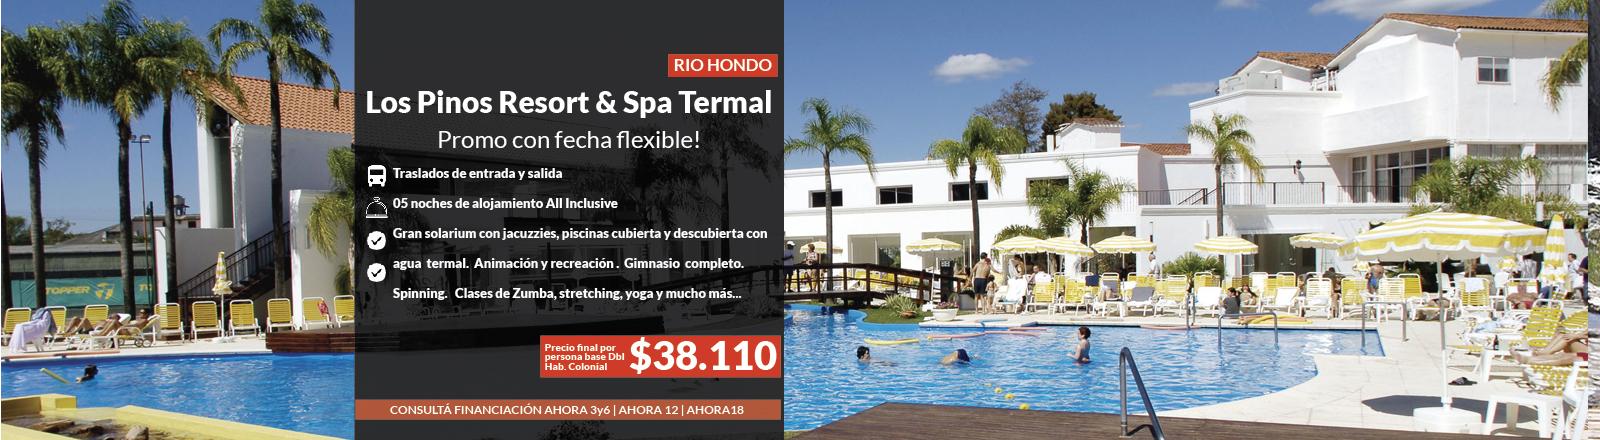 Los Pinos Resort